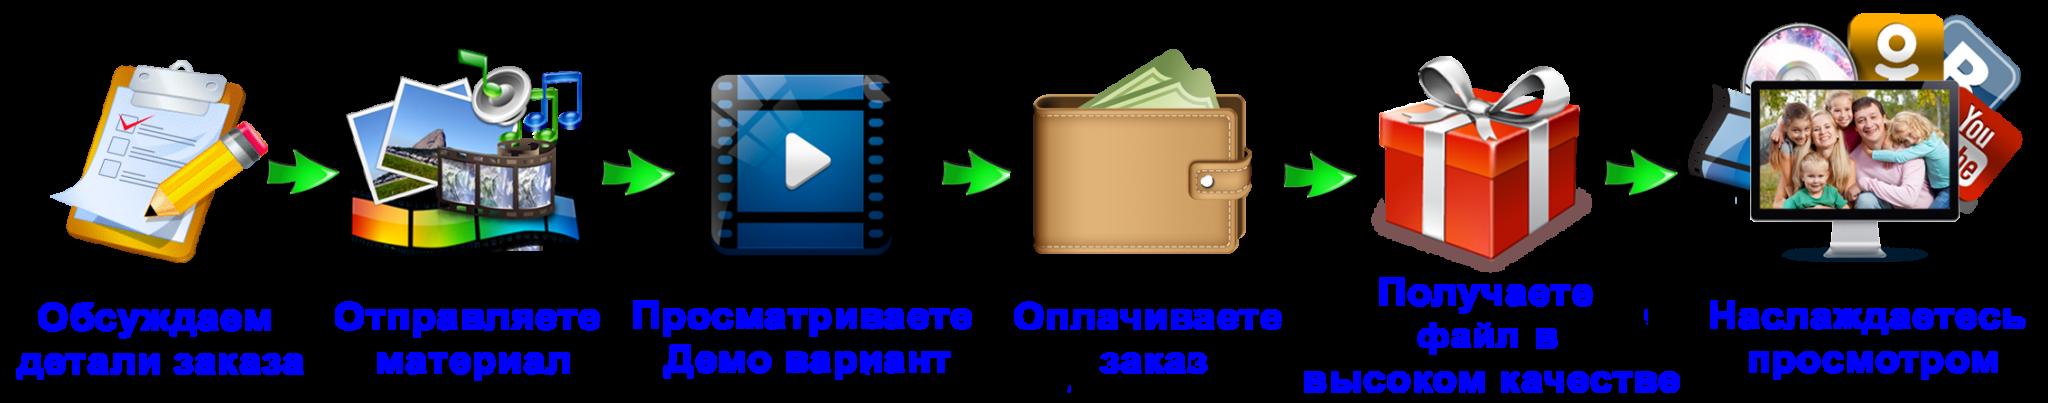 Заказать слайд-шоу из фотографий и видео в Новосибирске